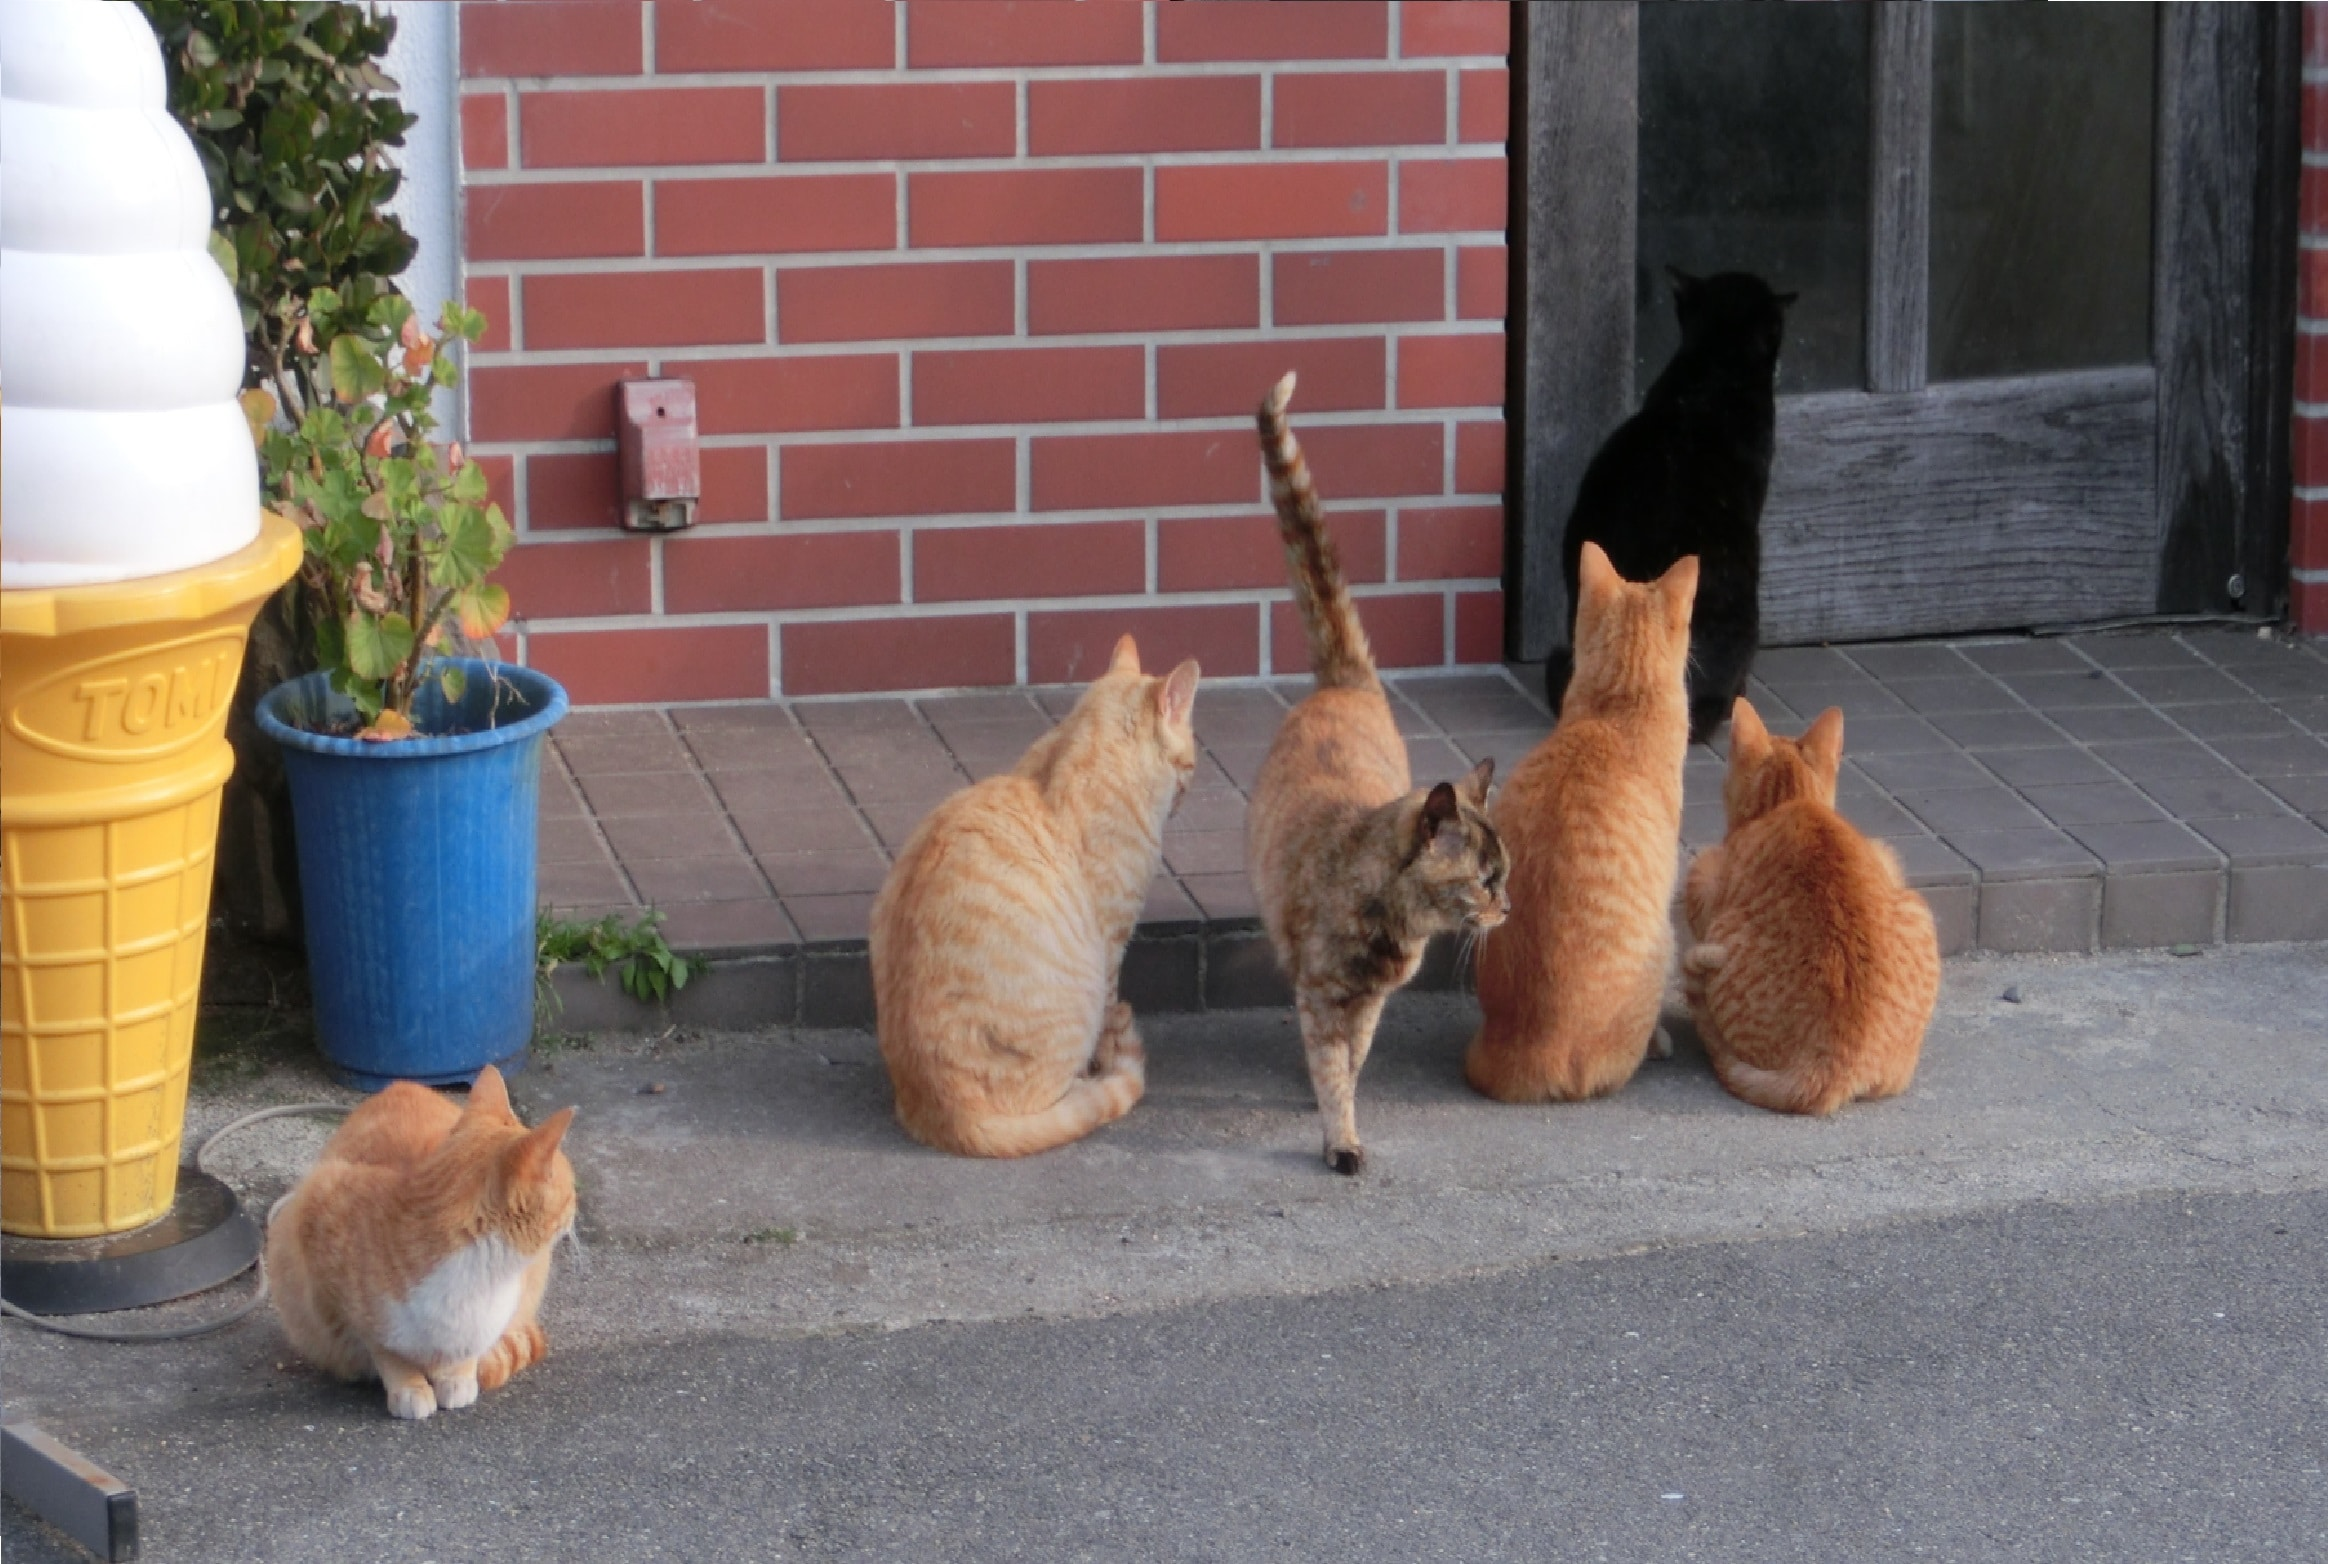 Los gatos quieren las puertas abiertas